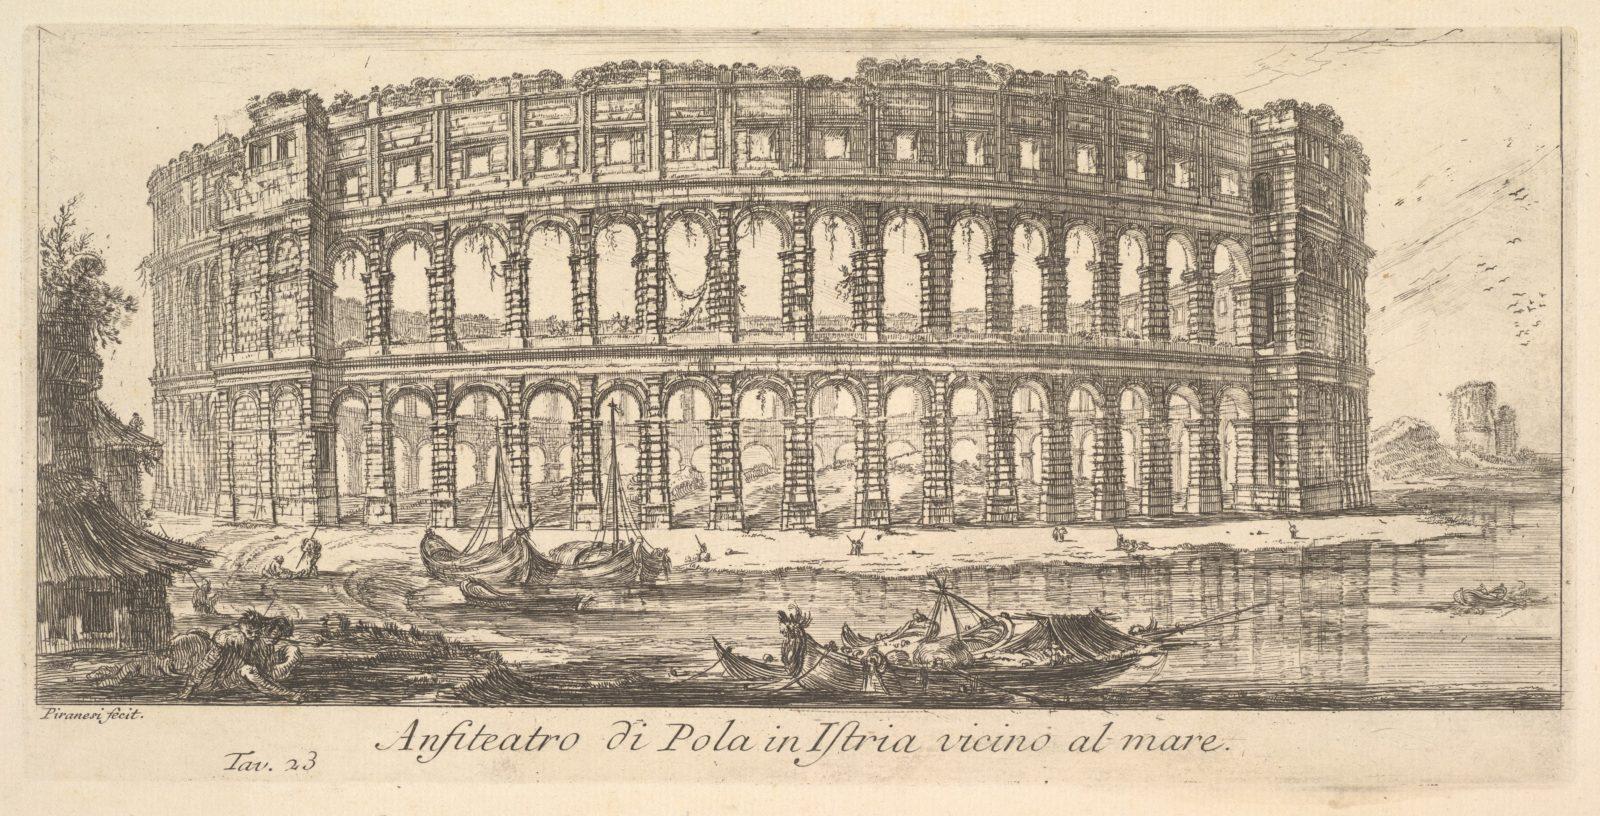 Plate 23: Amphitheater of Pola in Istria near the sea (Anfiteatro di Pola in Istria vicino al mare)